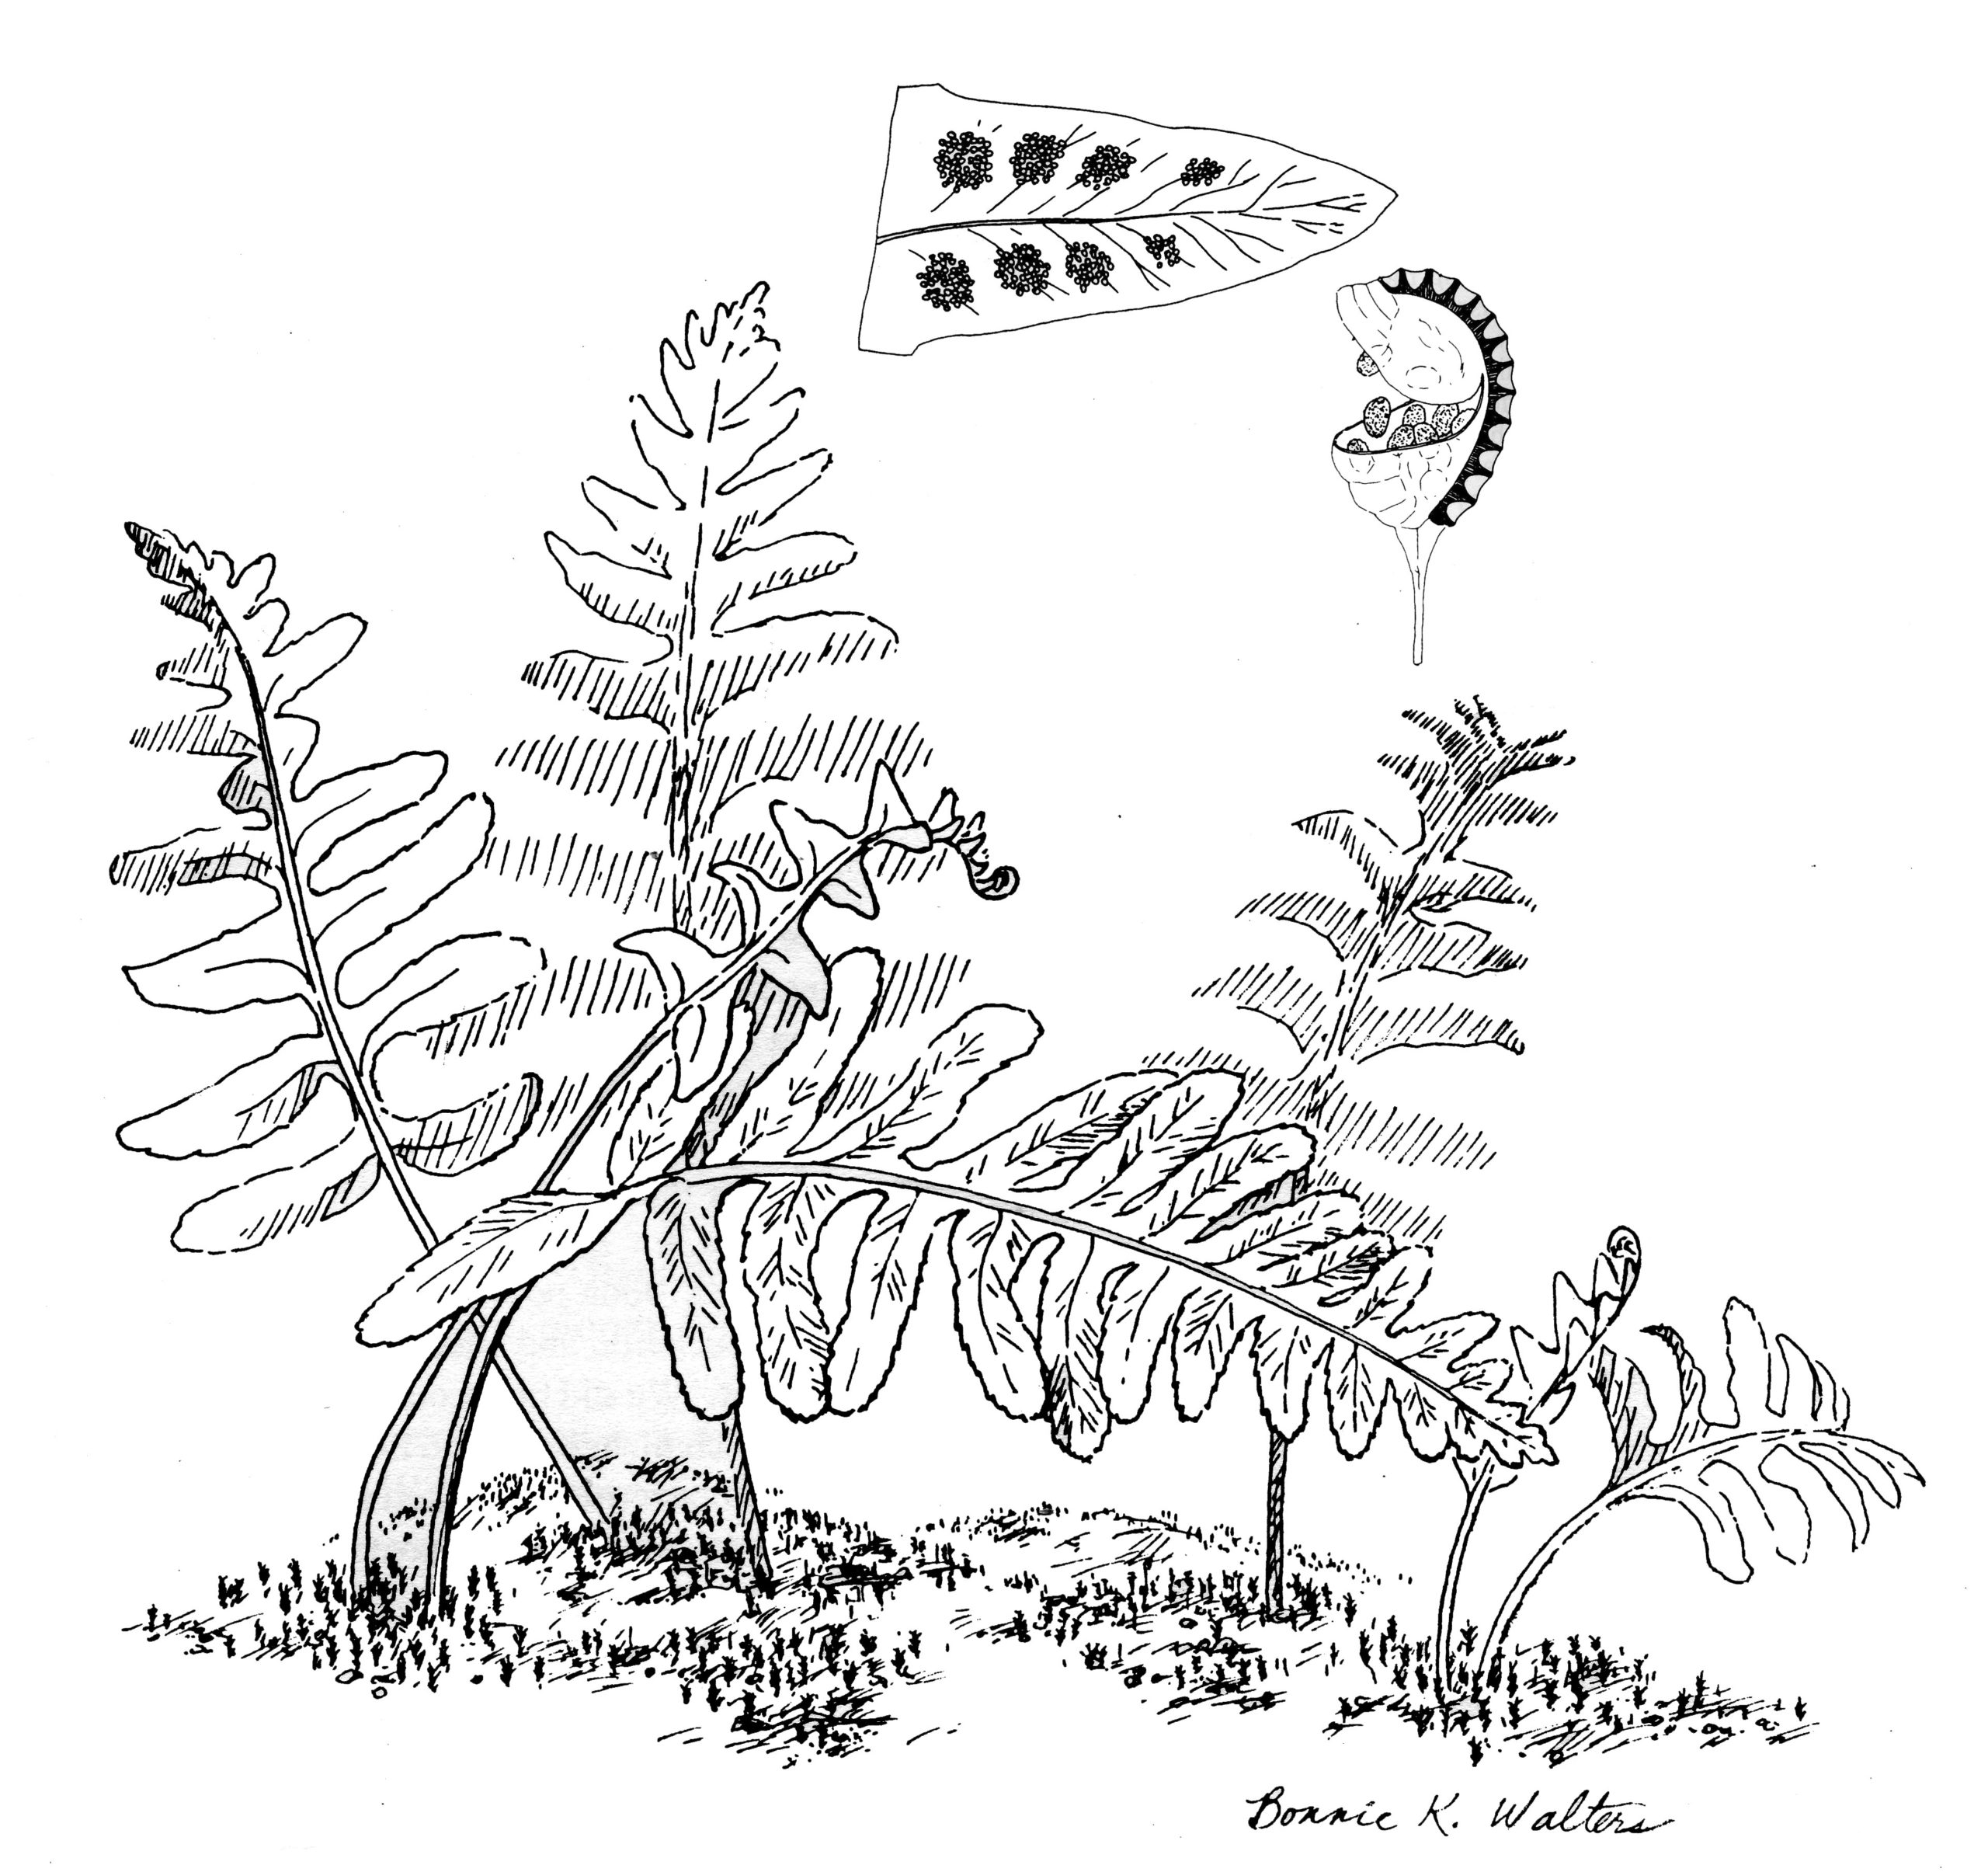 California Polypody illustration by Bonnie Walter